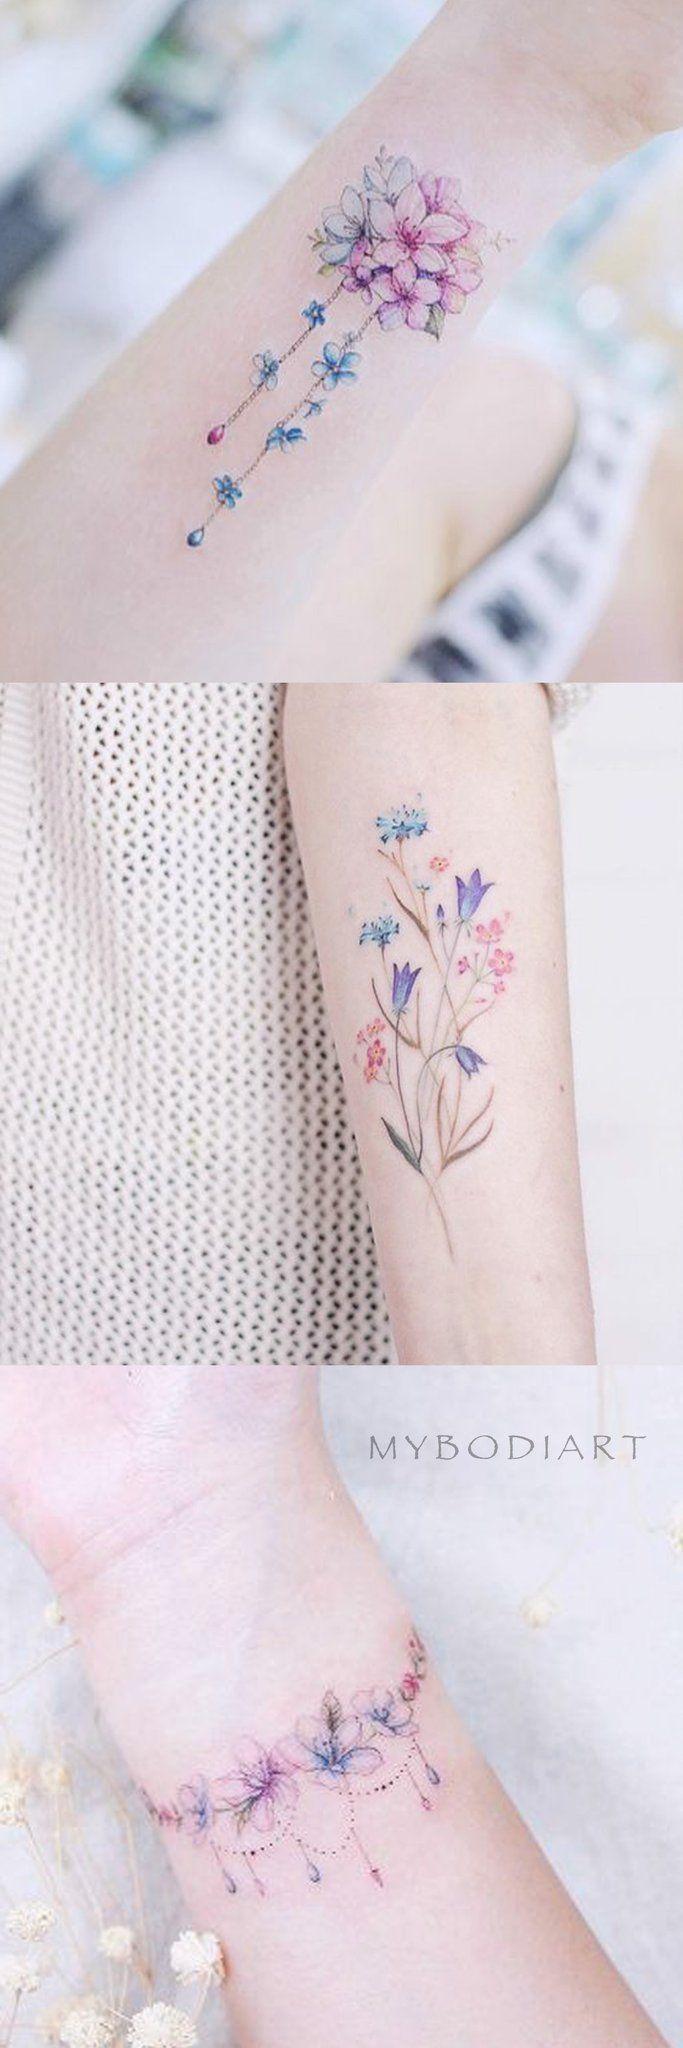 100 Trend Aquarell Blume Tattoo-Ideen für Frauen #Tattoos – Diy tattoo images